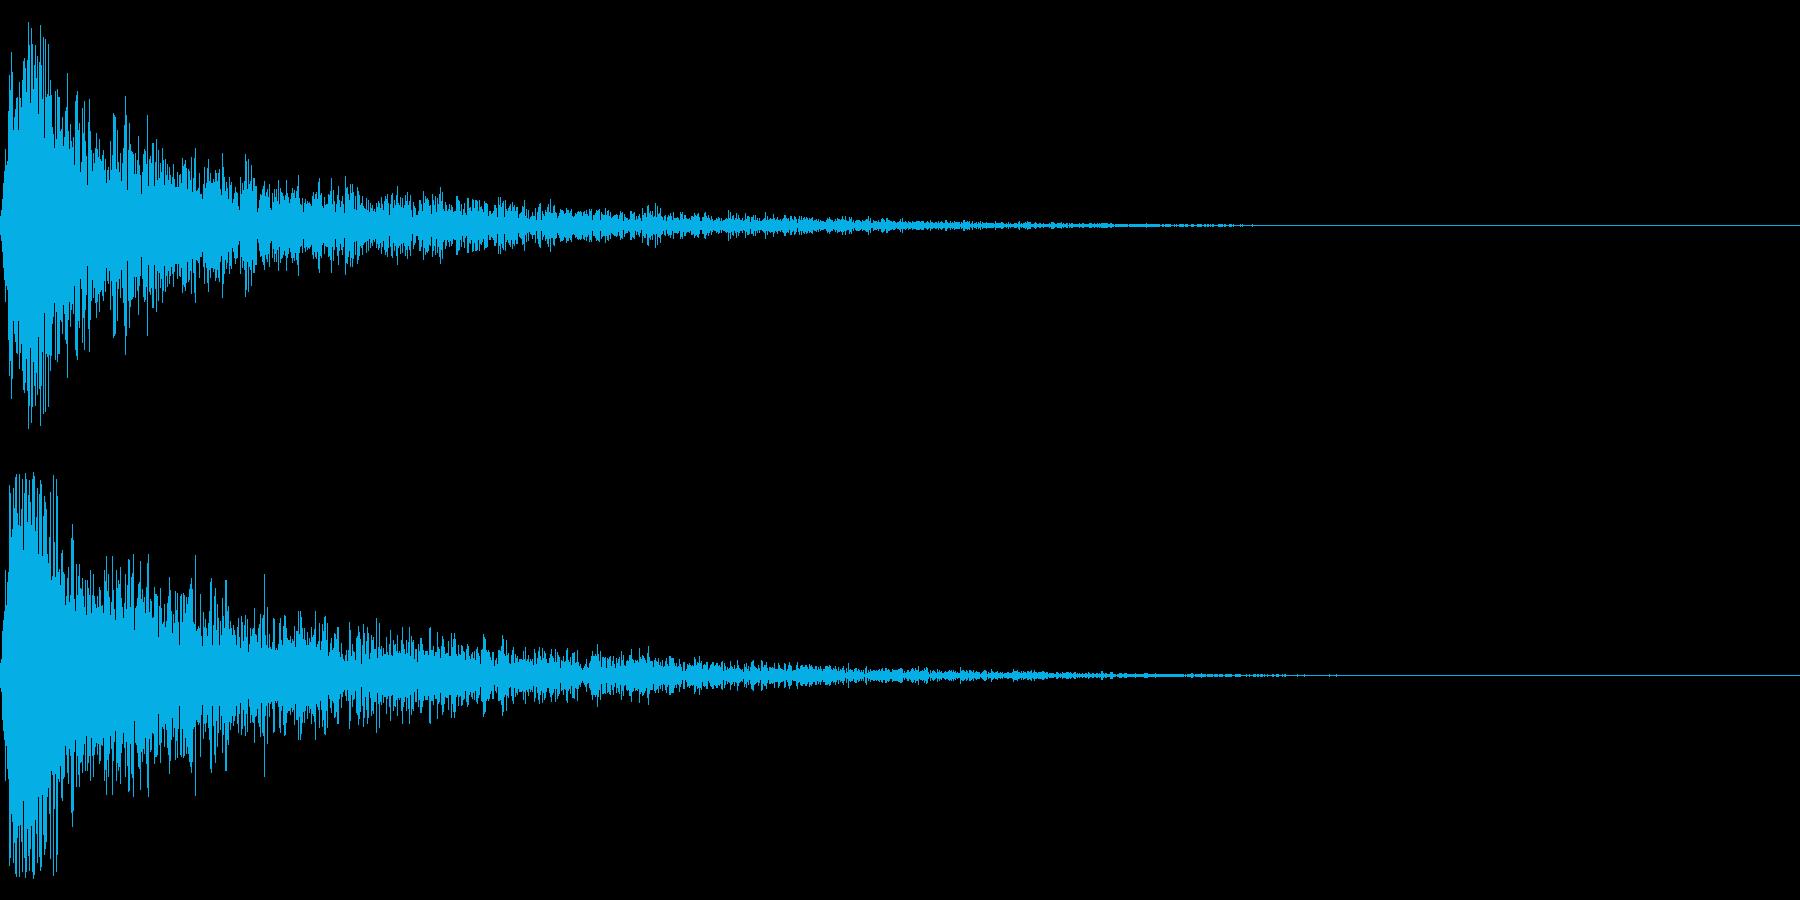 ドーン-55-1(インパクト音)の再生済みの波形